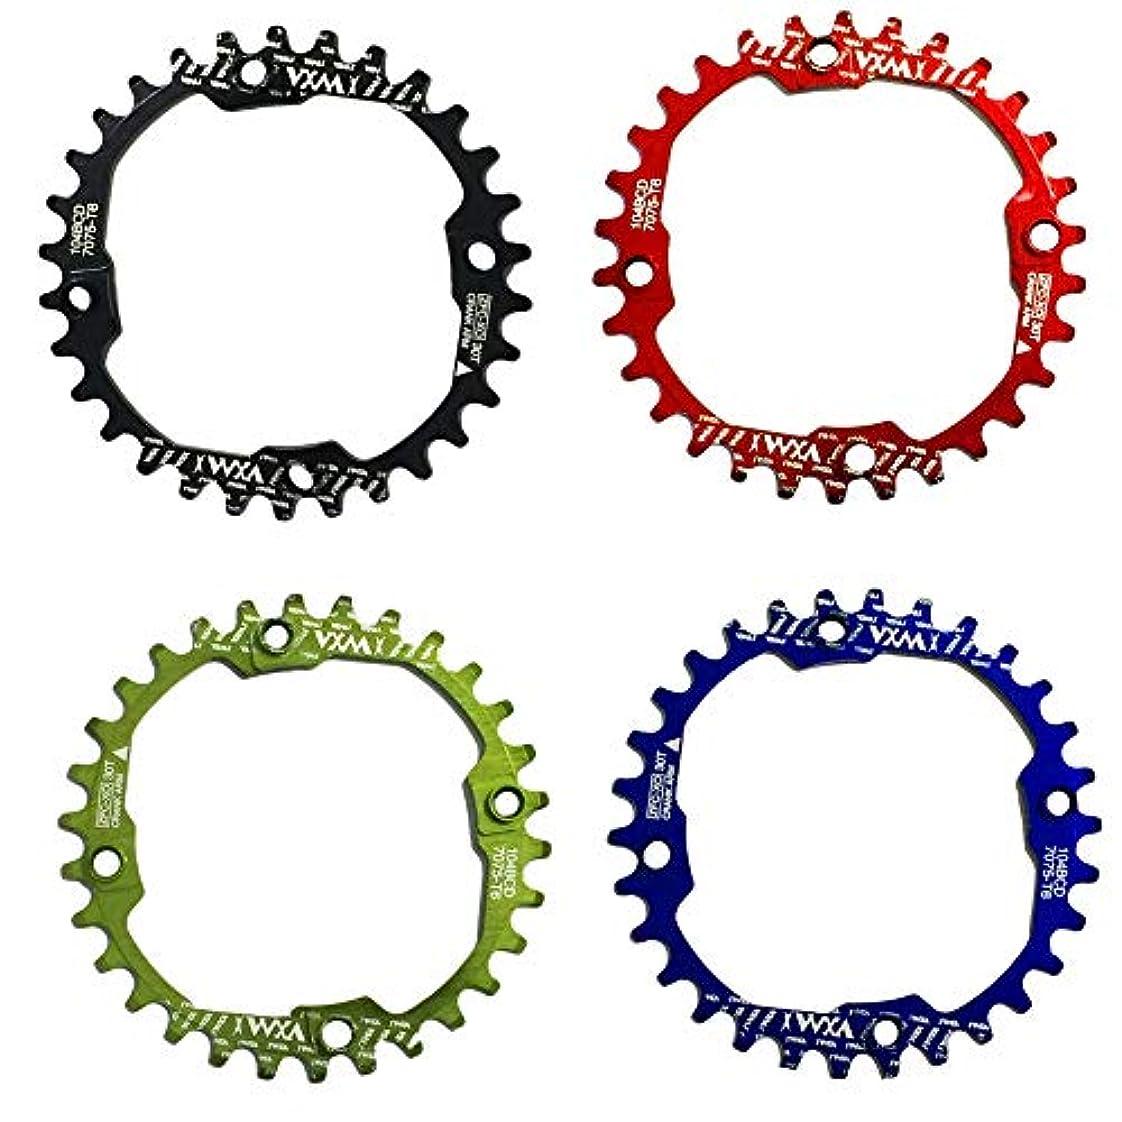 傾斜滑る現在Propenary - 1PC Bicycle Chainwheel Crank 30T 104BCD Aluminum Alloy Narrow Wide Chainring Round Bike Chainwheel Crankset Bicycle Parts [ Green ]